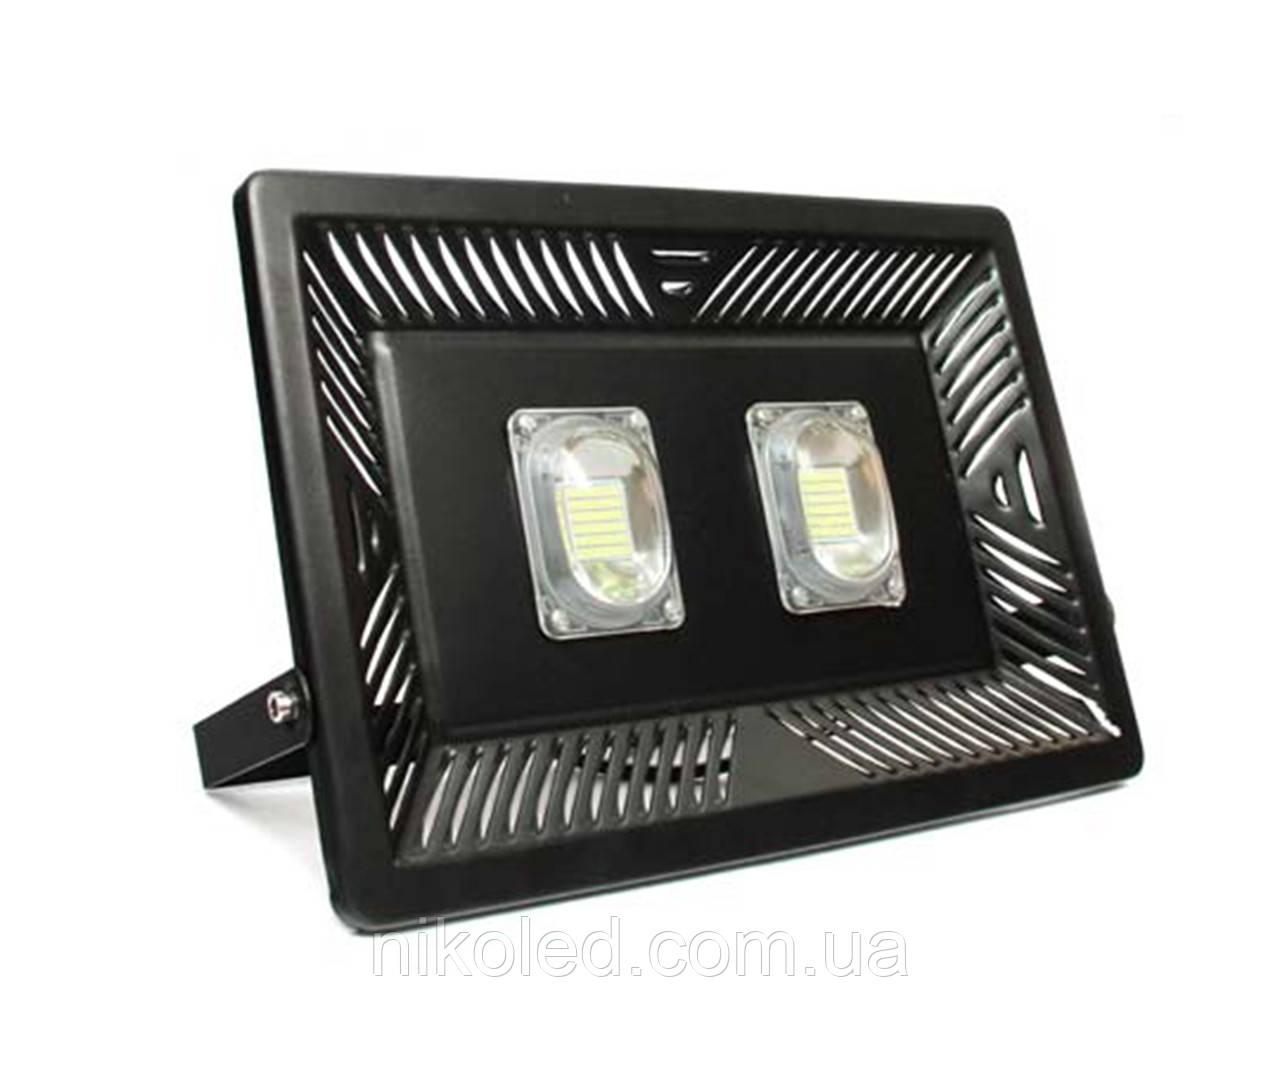 Світлодіодний прожектор LED SMD 100W з лінзами